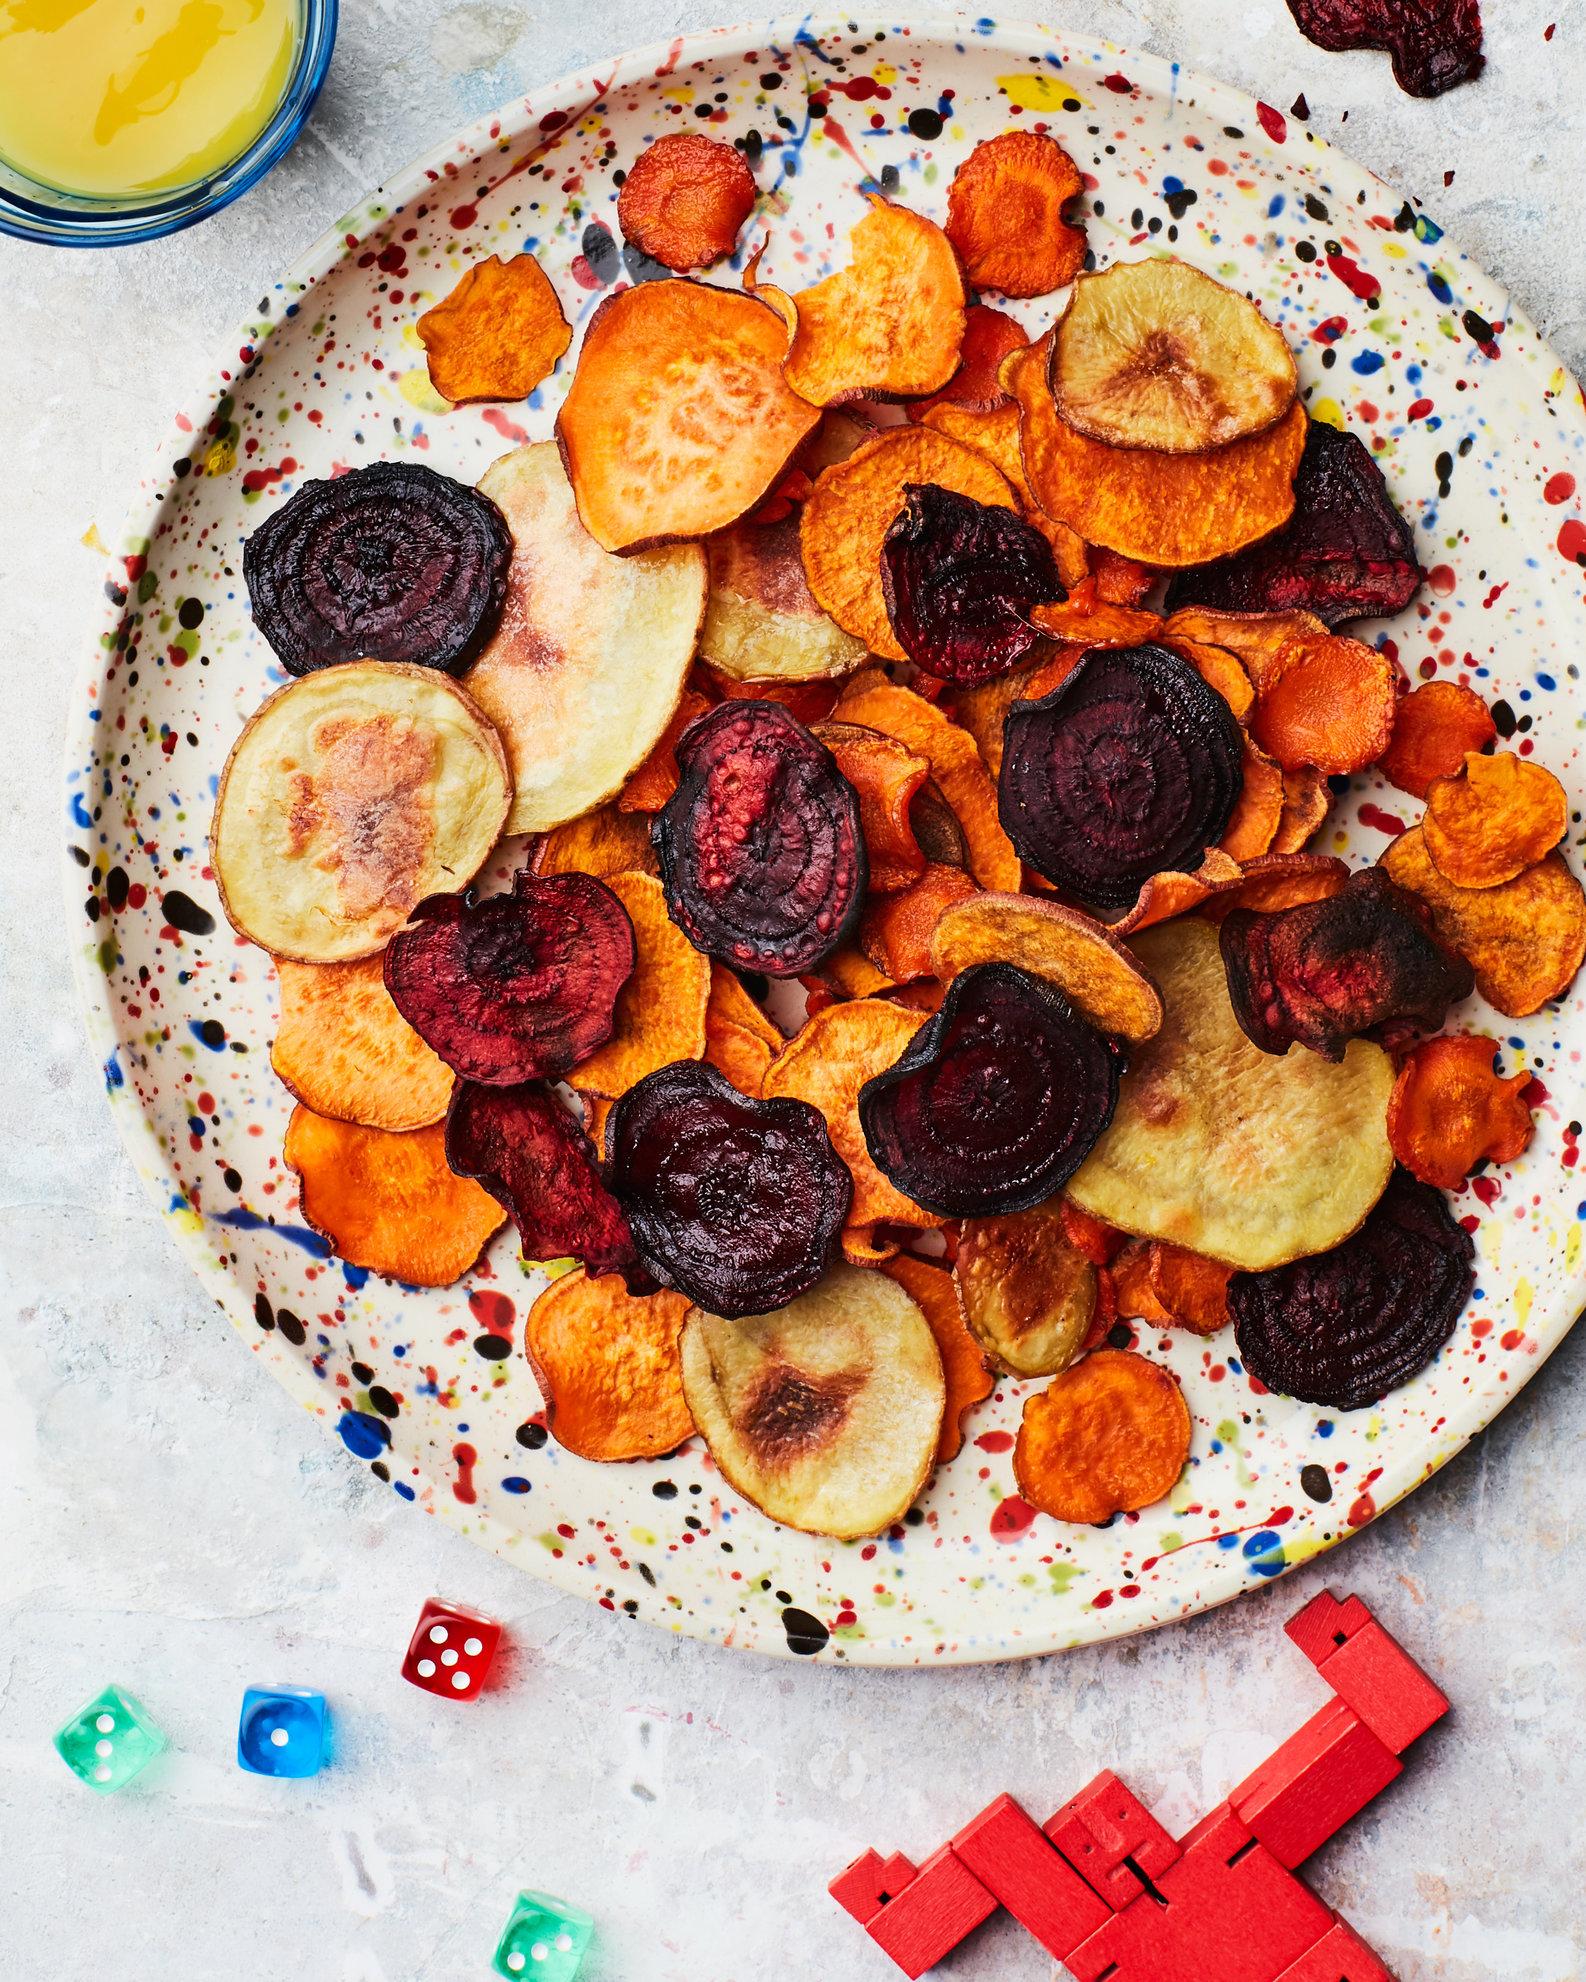 Baked-Chips-Oxo-Mandoline-050217.jpg